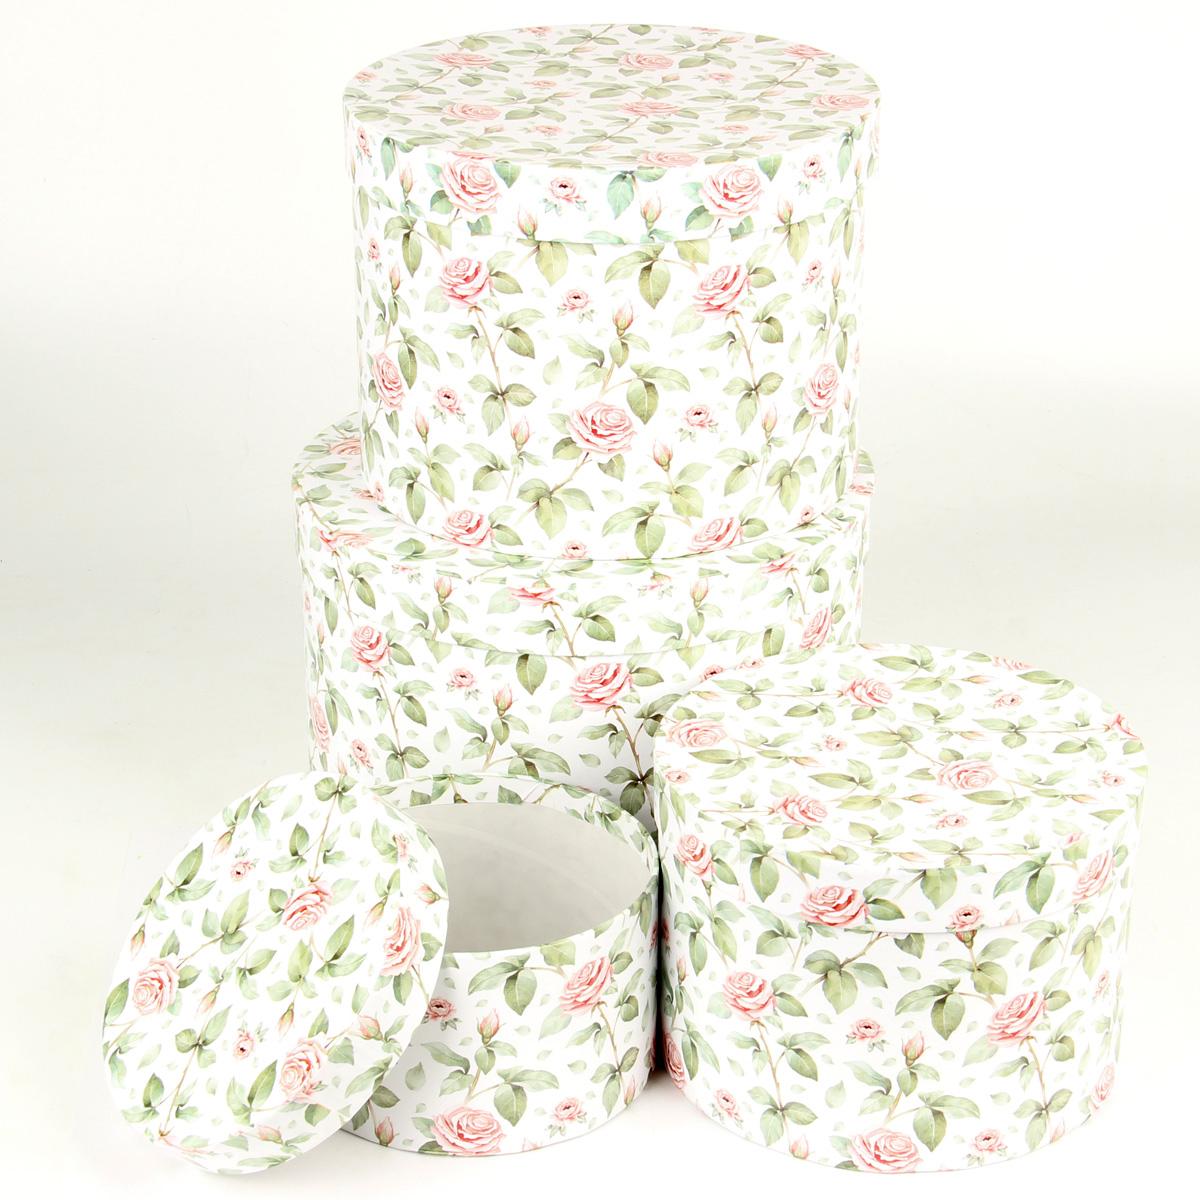 Набор подарочных коробок Veld-Co Чайные розы, круглые, цвет: белый, 4 шт. 67668 набор подарочных коробок veld co шоколад с магнитами цвет светло коричневый 3 шт